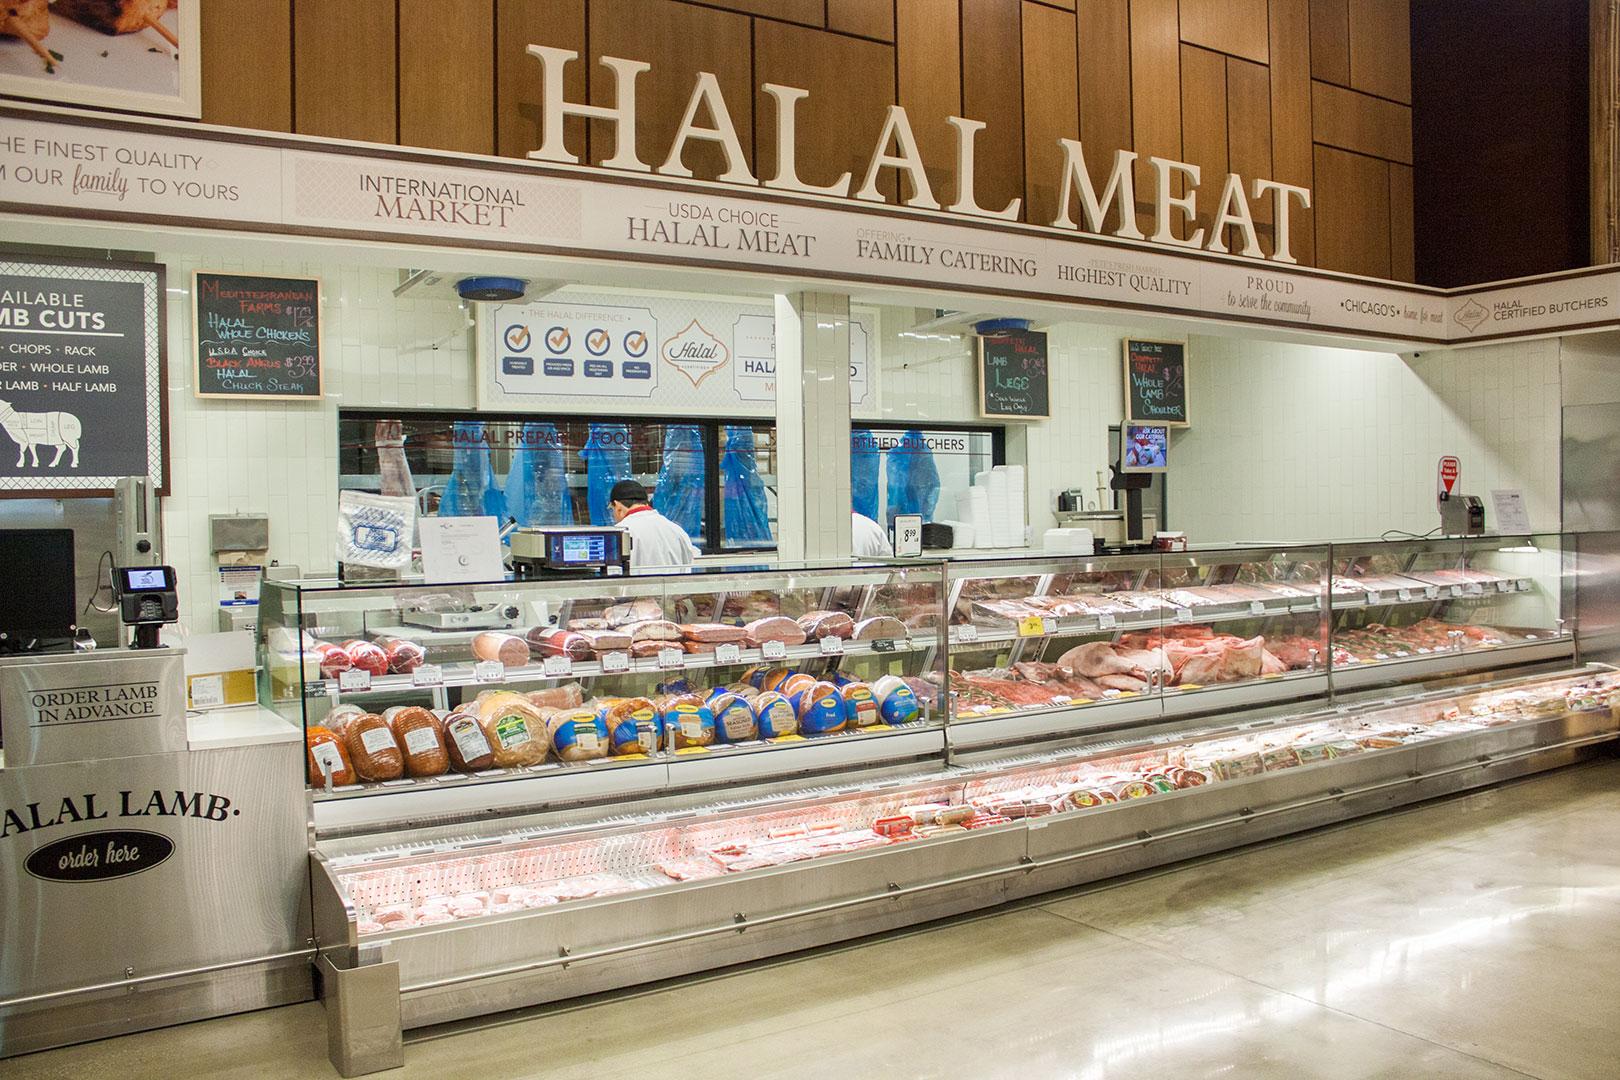 Pete S Fresh Market In Bridgeview Is A Halal Meat Shop